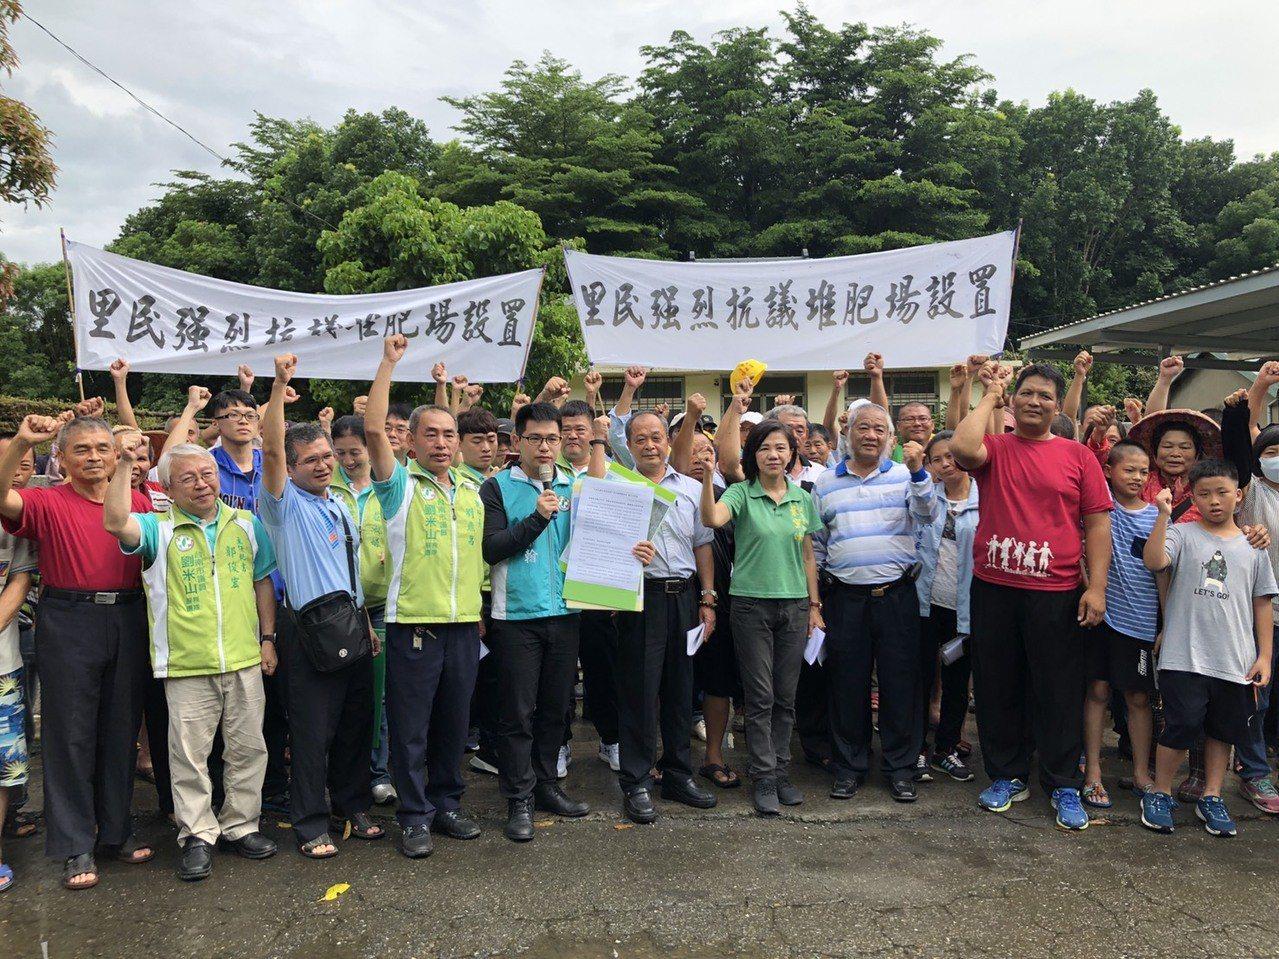 「農業循環資源利用研究中心」引來地方質疑,台南白河居民下午拉布條抗議。圖/台南市...